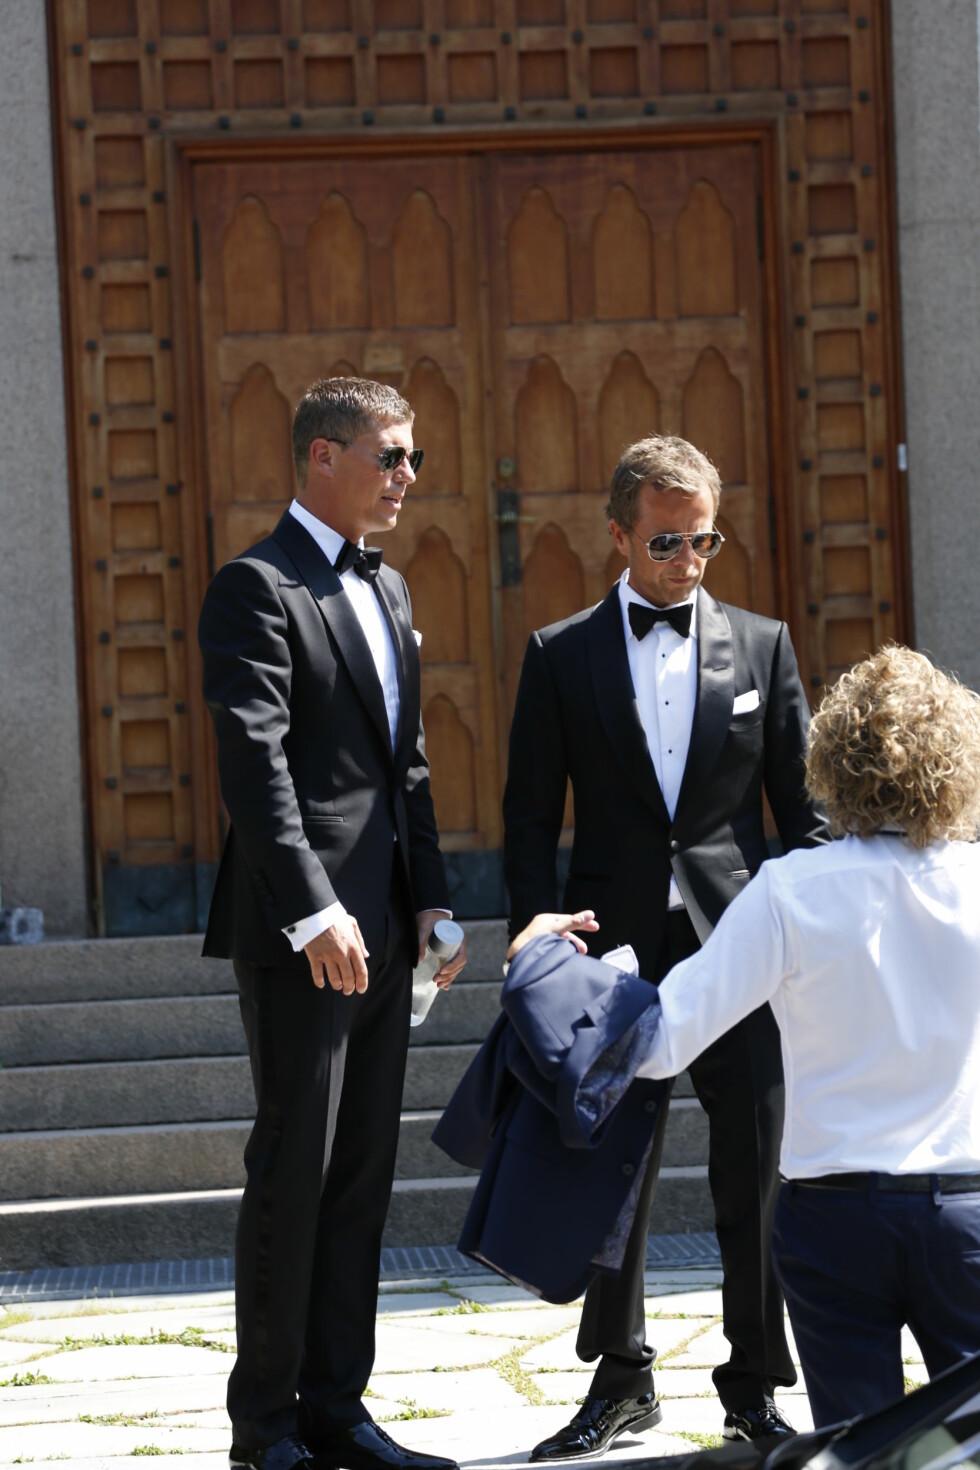 FORLOVER: Jan Fredrik Karlsen var forlover.